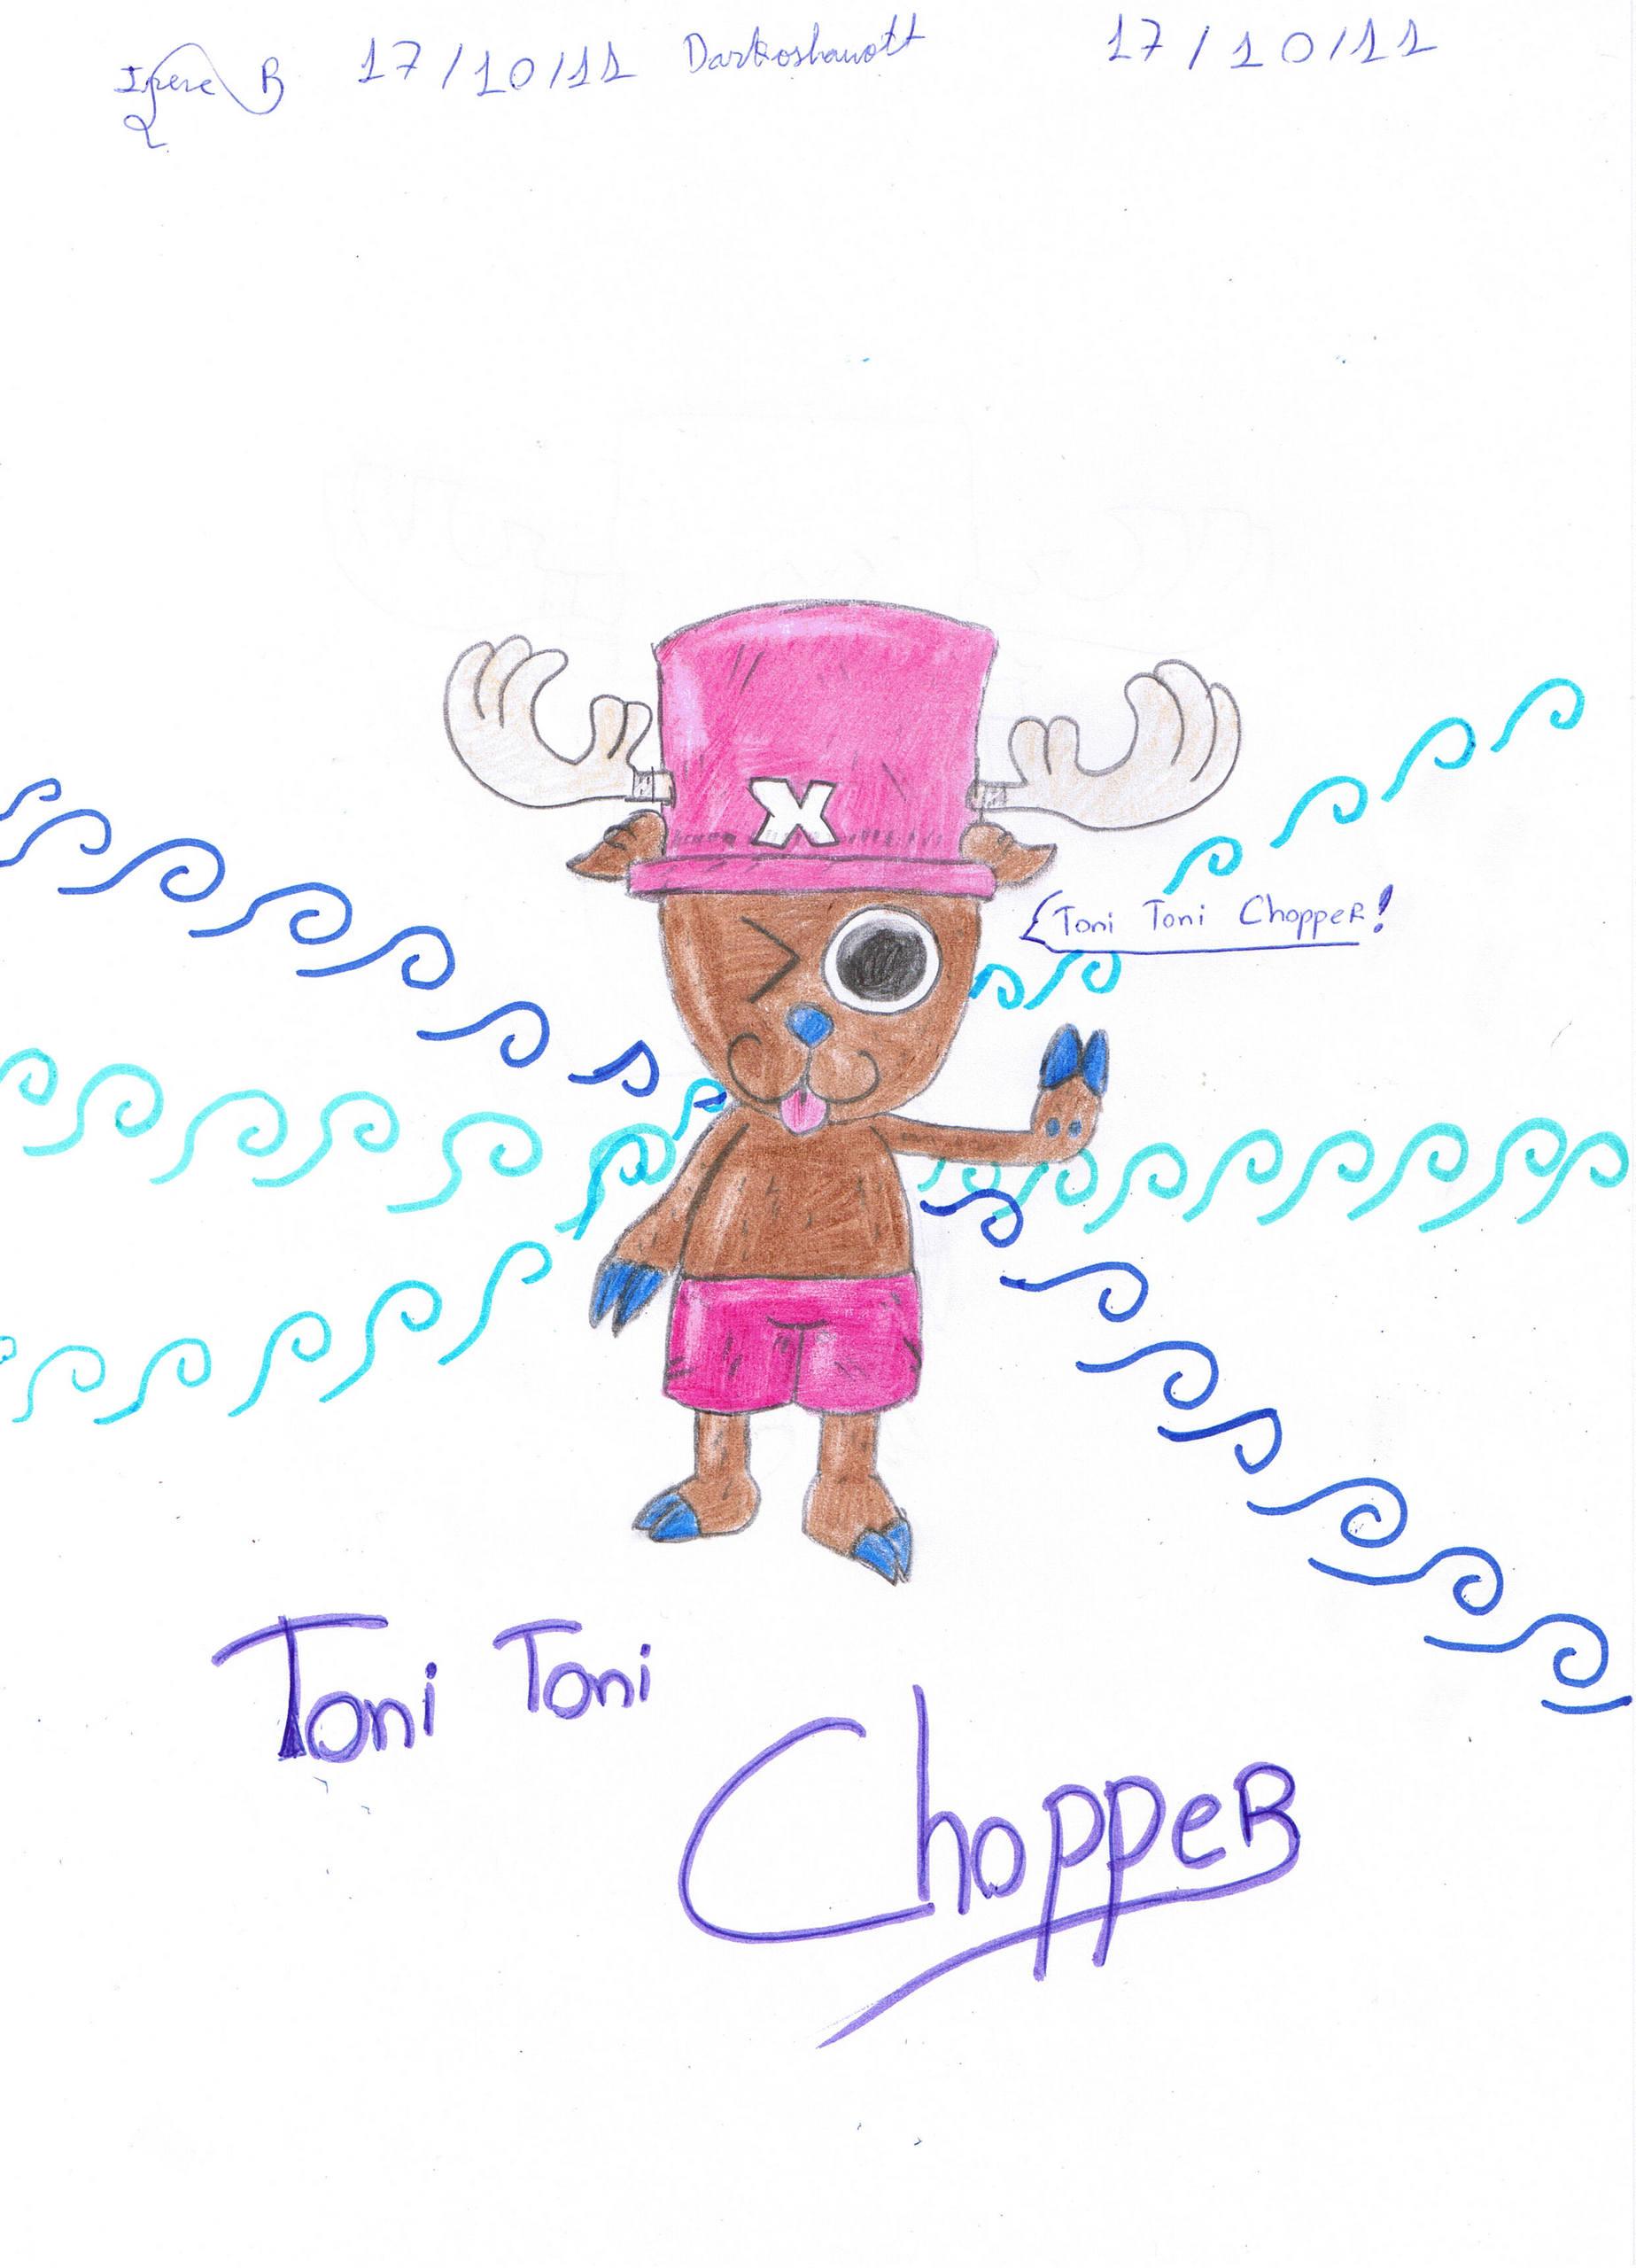 Tony Tony Chopper Drawing